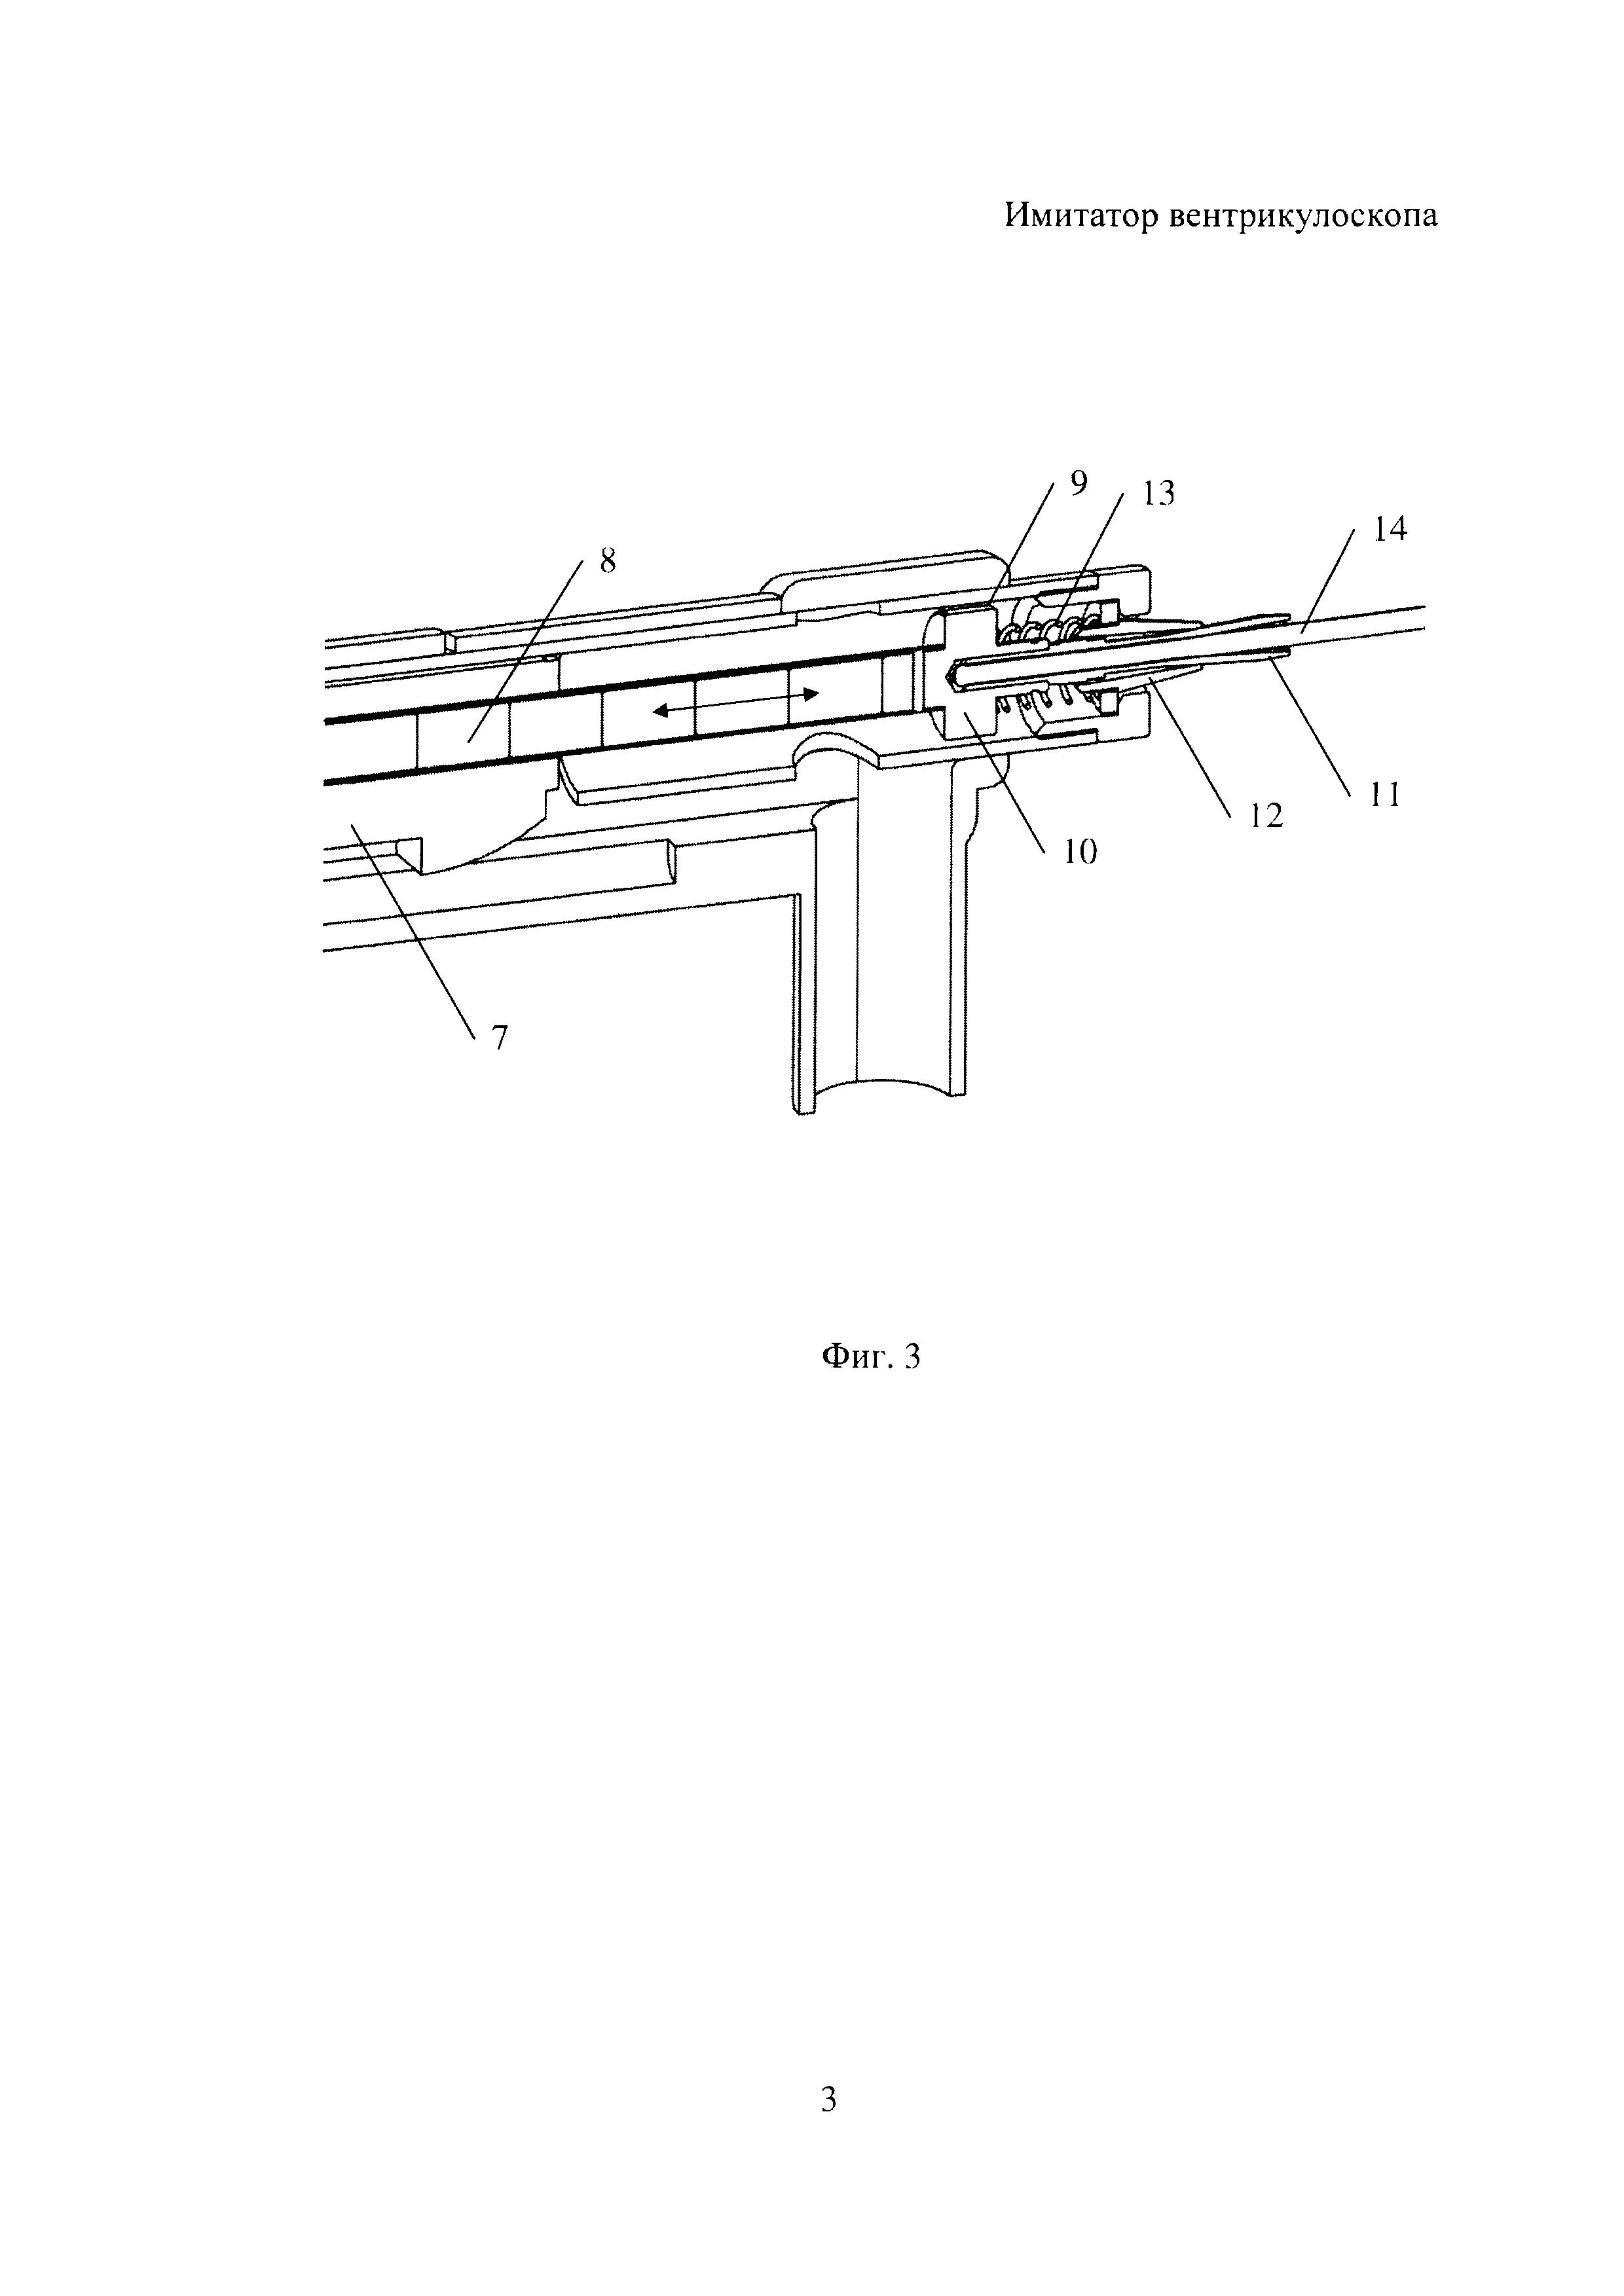 Имитатор вентрикулоскопа